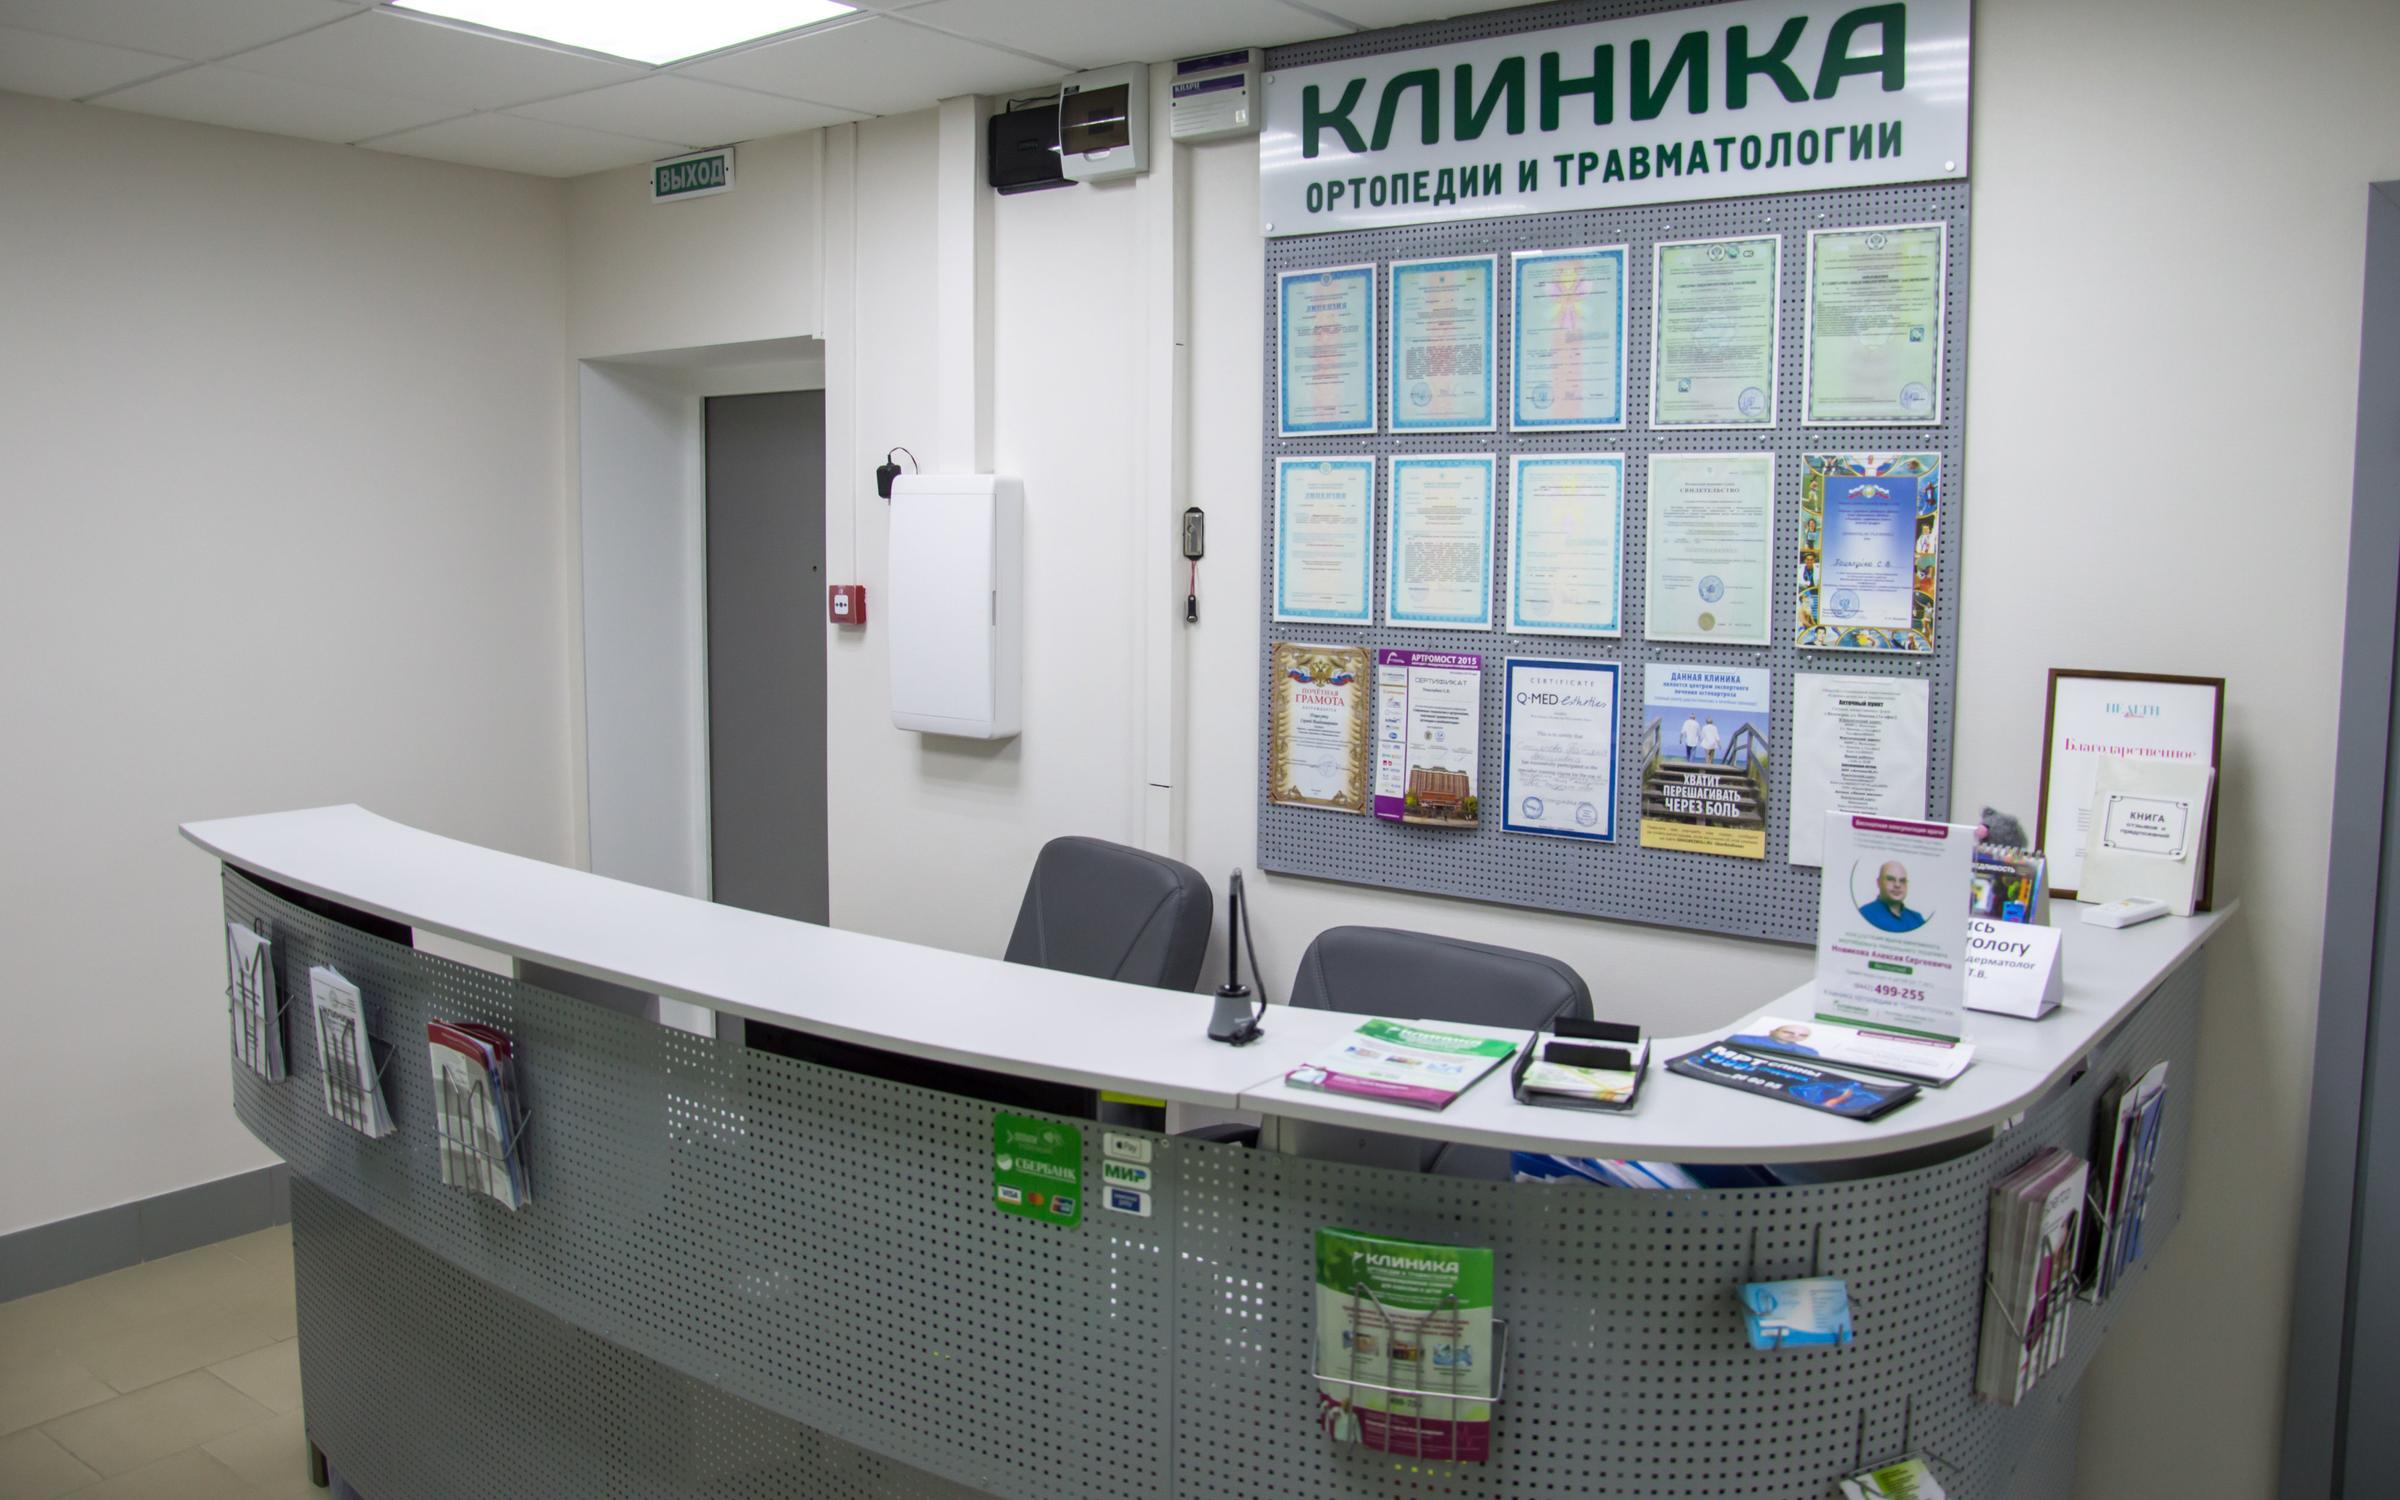 фотография Клиника ортопедии и травматологии на Невской улице